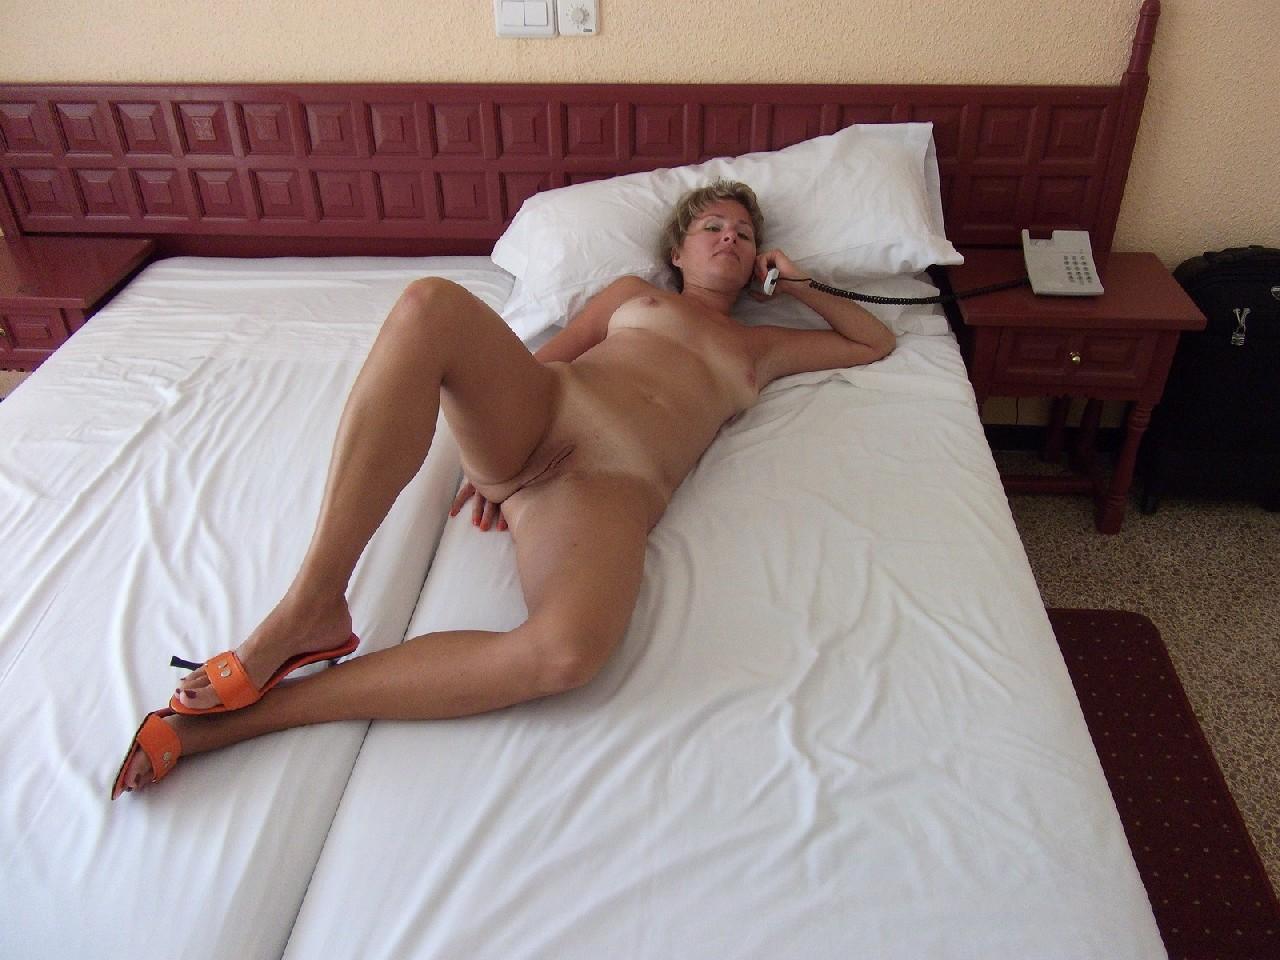 Голая дом работница показывает свое обнаженное тело